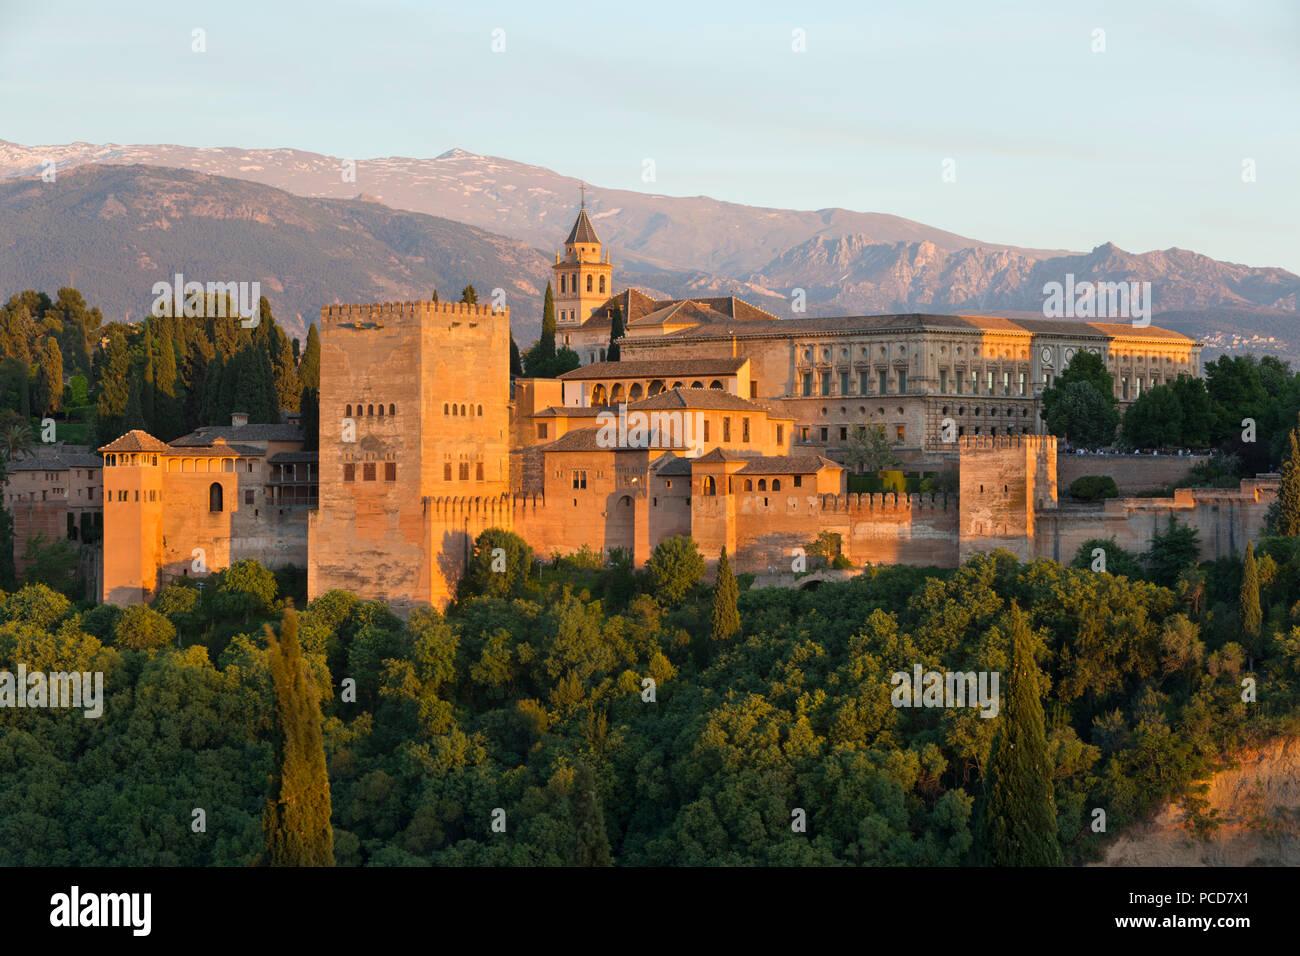 La Alhambra, Sito Patrimonio Mondiale dell'UNESCO, e Sierra Nevada nella luce della sera dal Mirador de San Nicolas, Granada, Andalusia, Spagna, Europa Immagini Stock